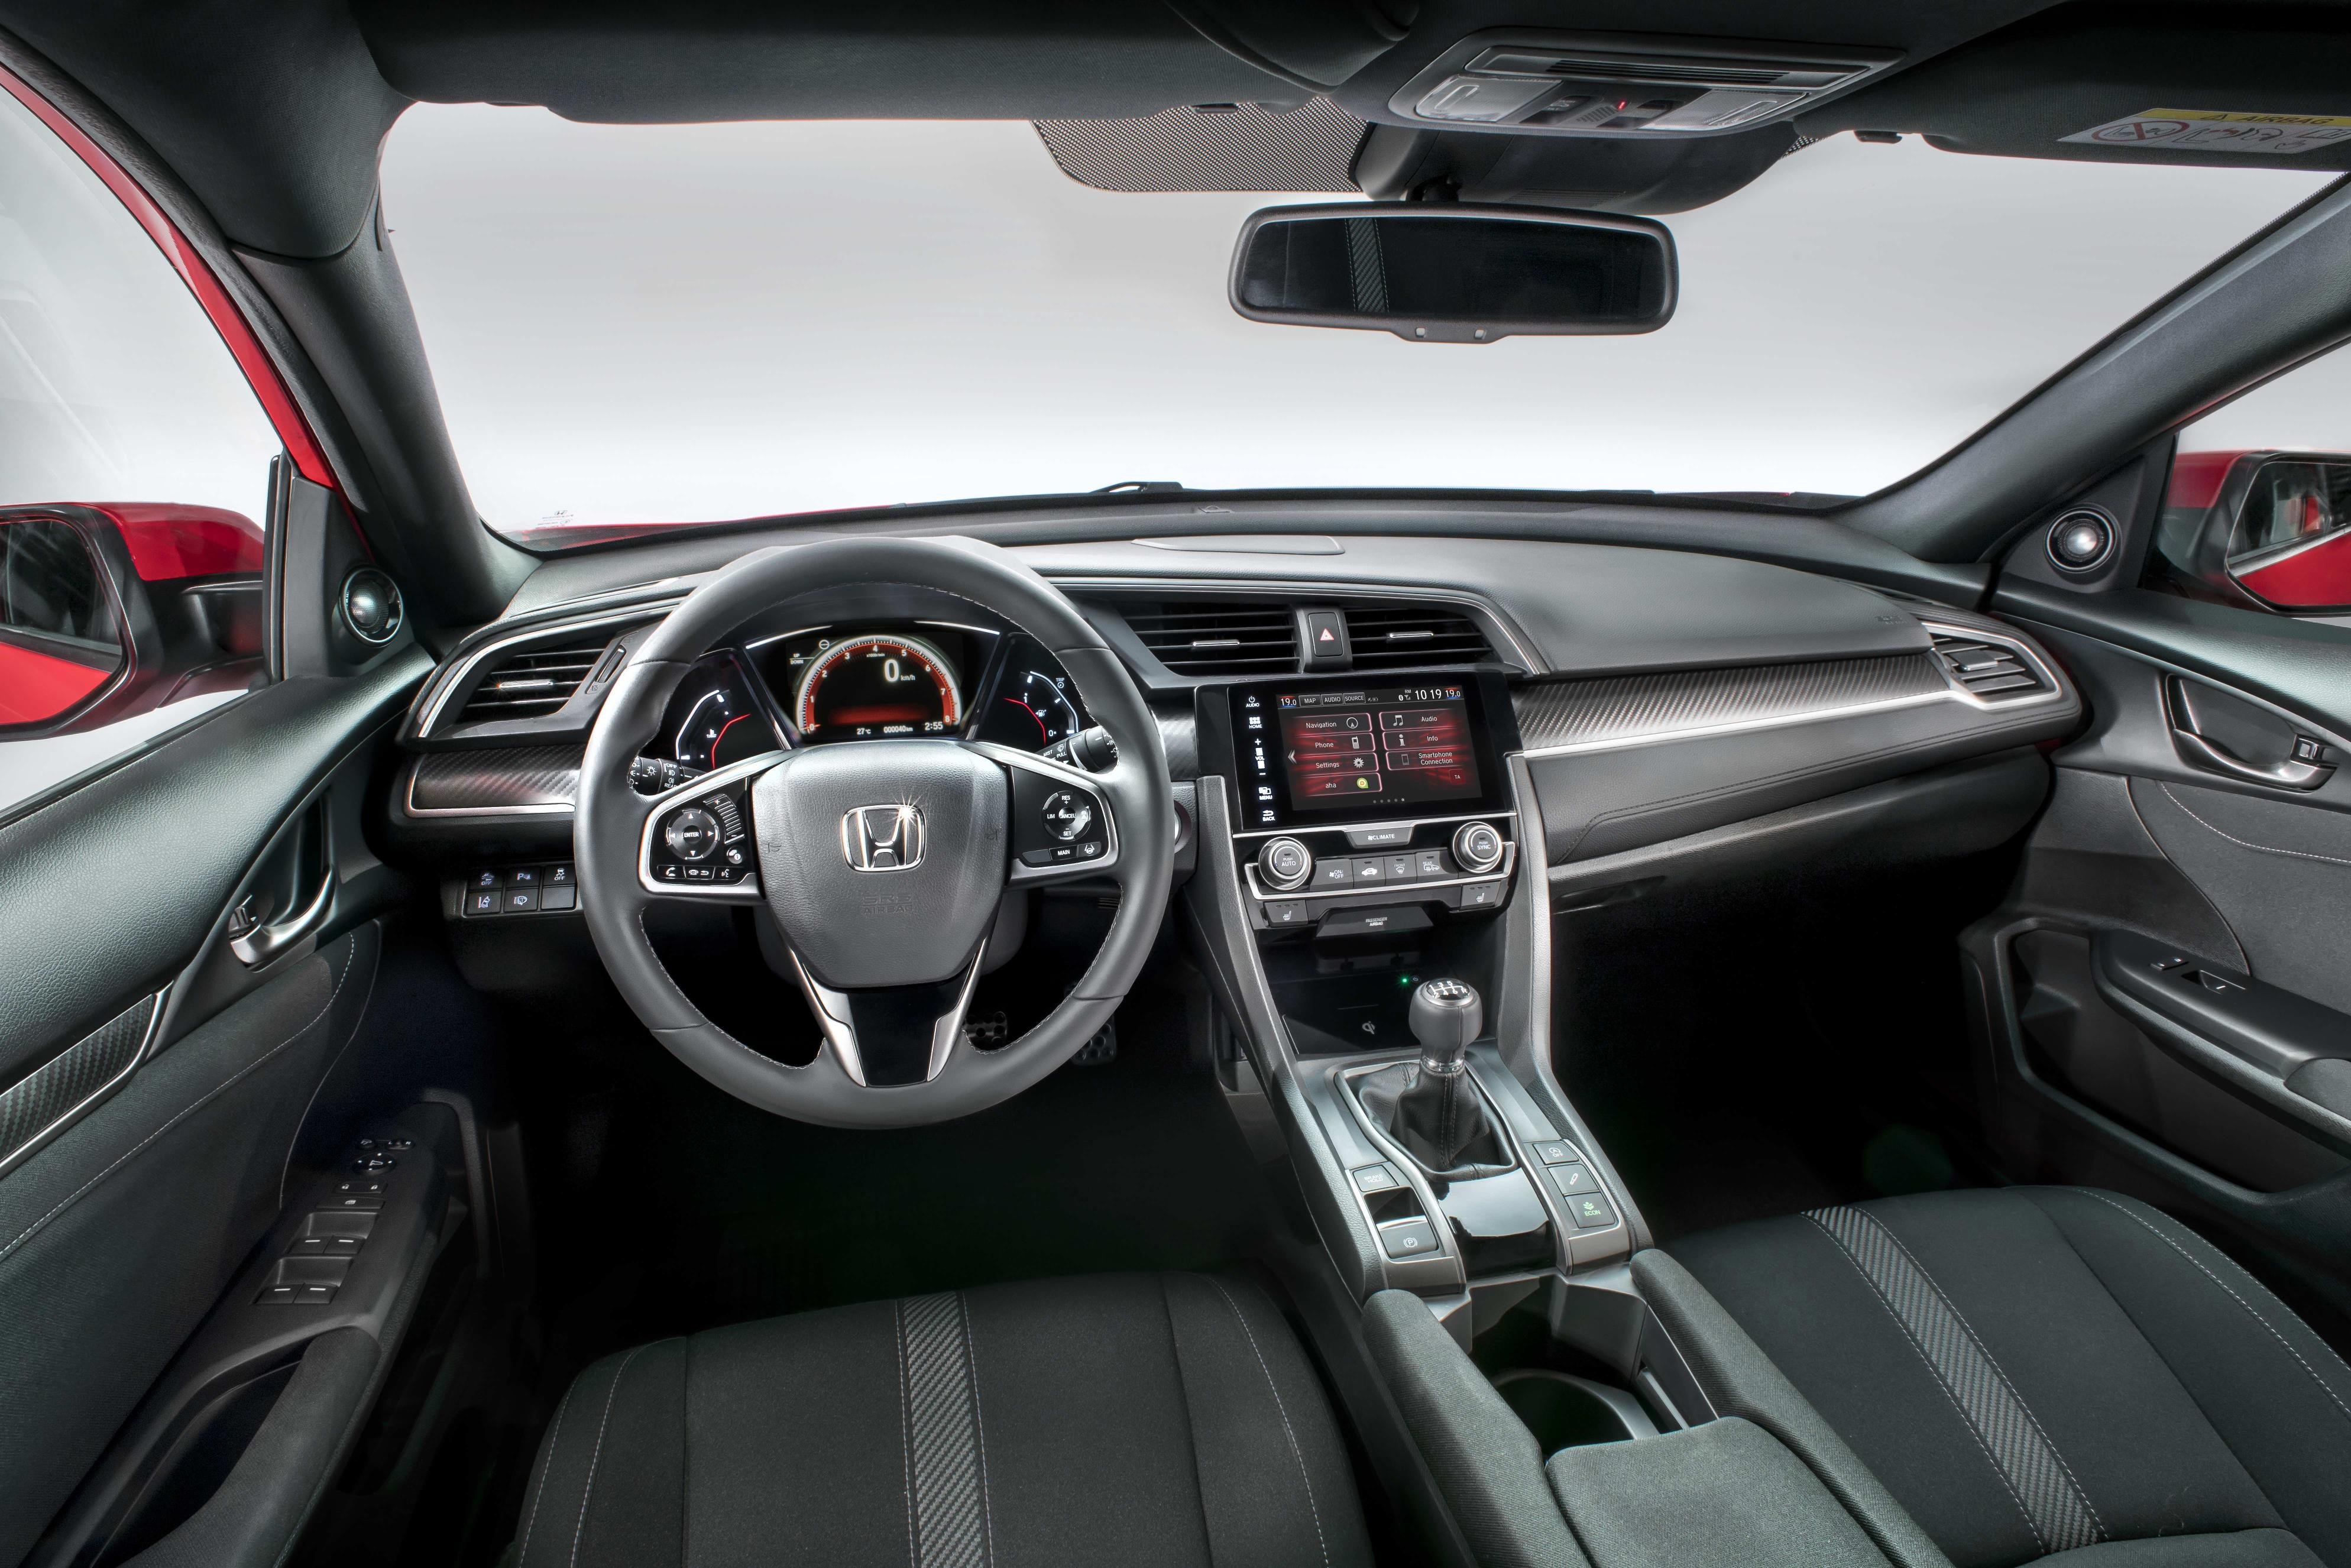 2019 Honda Civic Image2.jpg (2.34 MB)